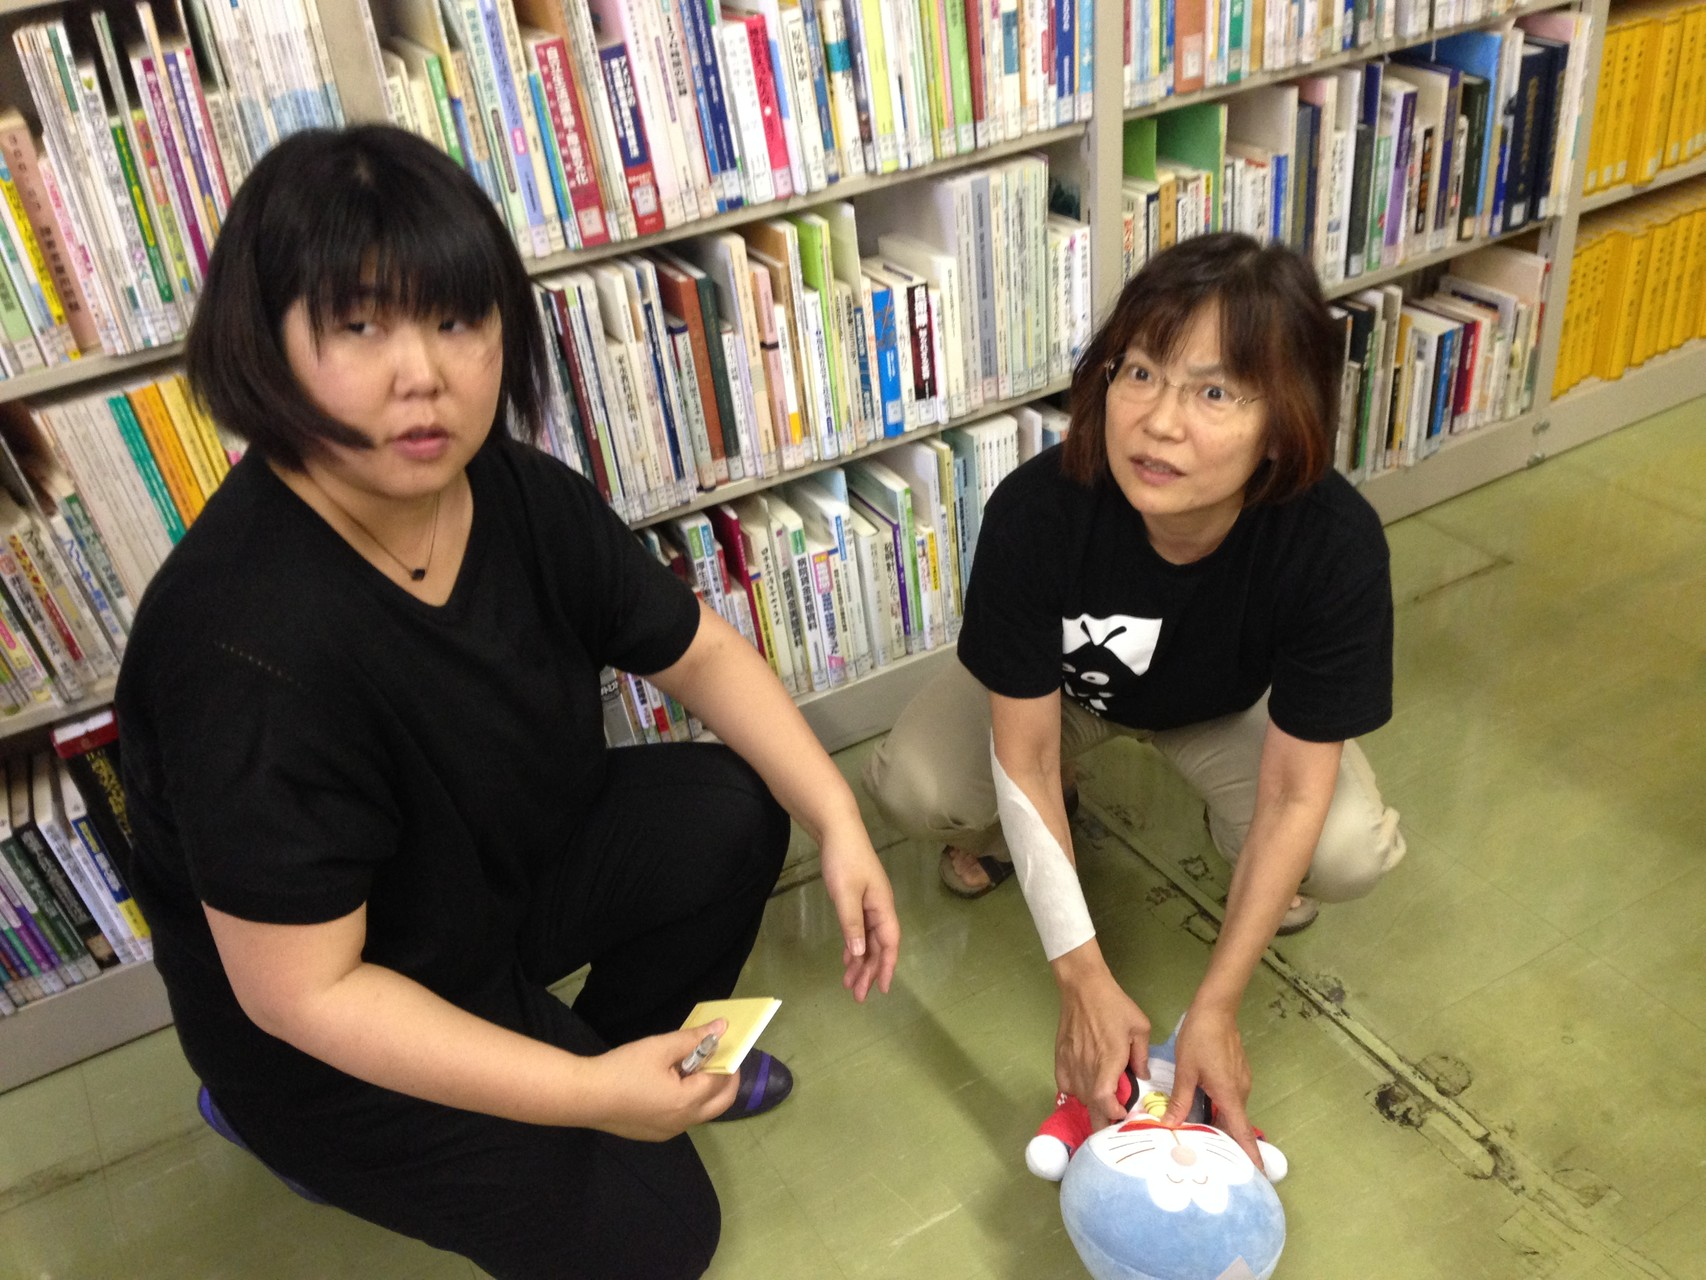 「平成25年度 専門図書館協議会の防災セミナー『震災訓練プログラム saveMLAKメソッドに学ぶ‐その時、我々は、図書館はどう動く‐』」